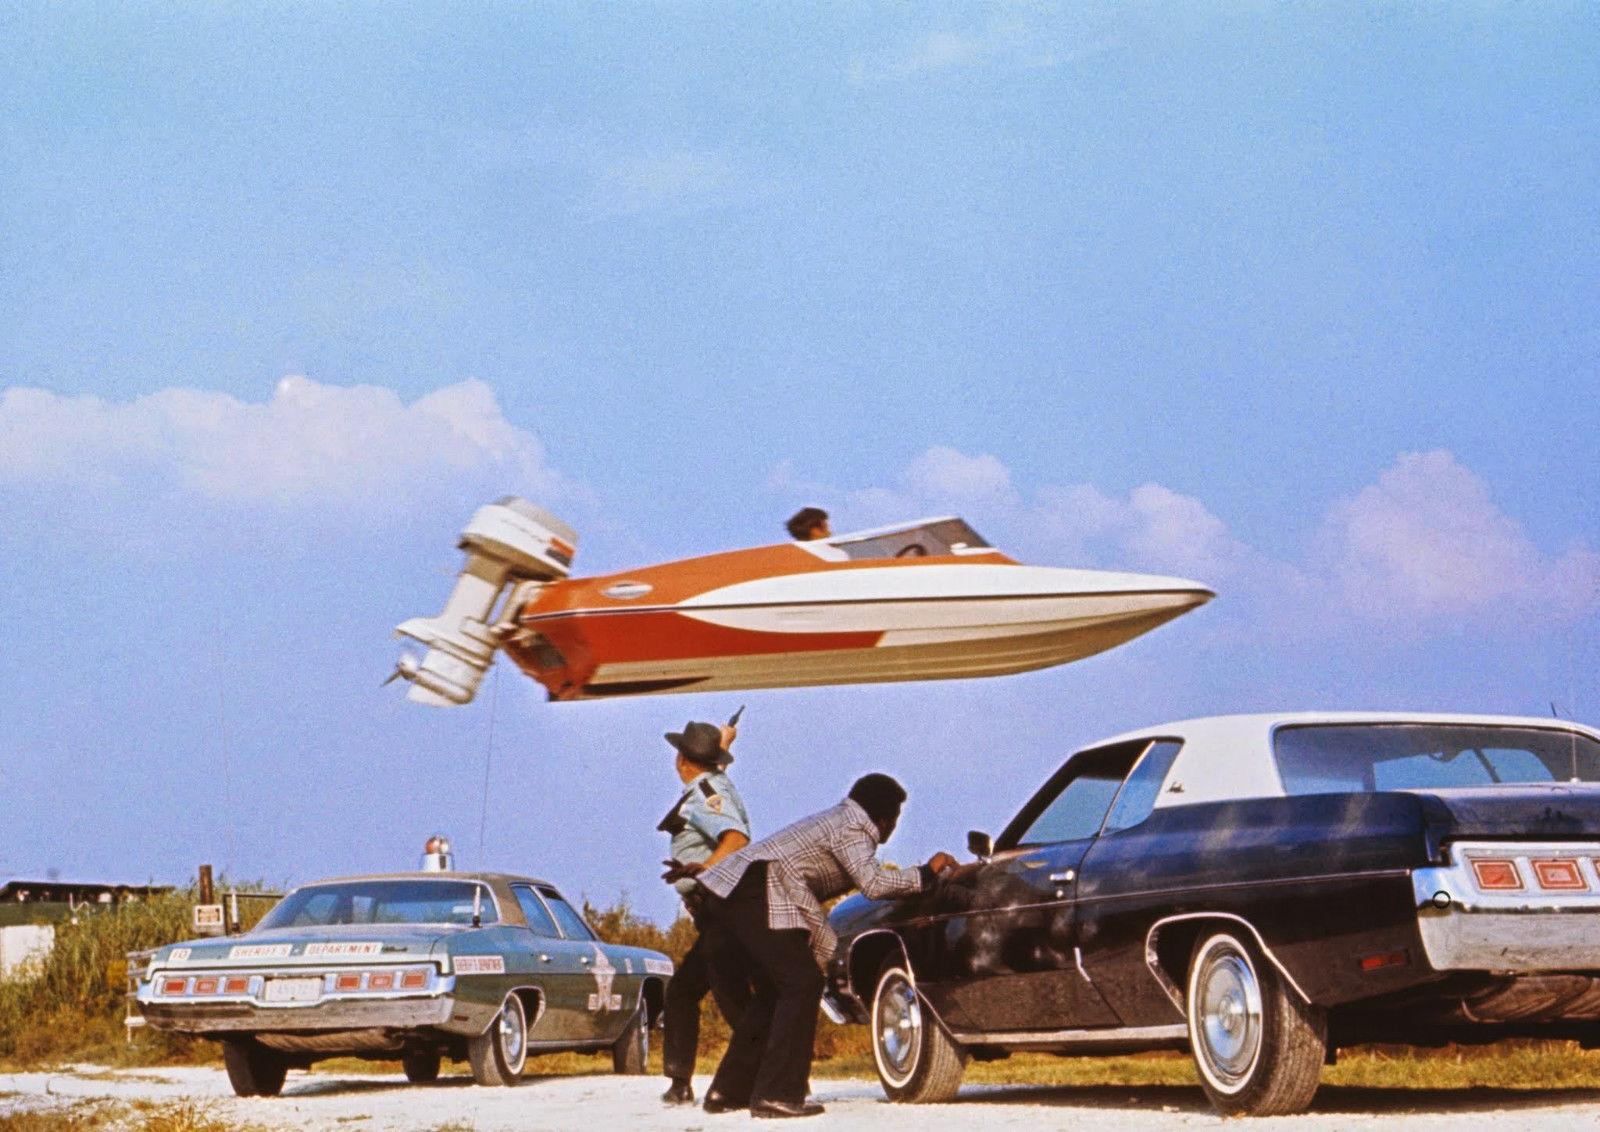 Stuntman, der ein Schnellboot über Autos Art Silk Print Poster 24x36 Zoll (60x90 cm) 015 springt